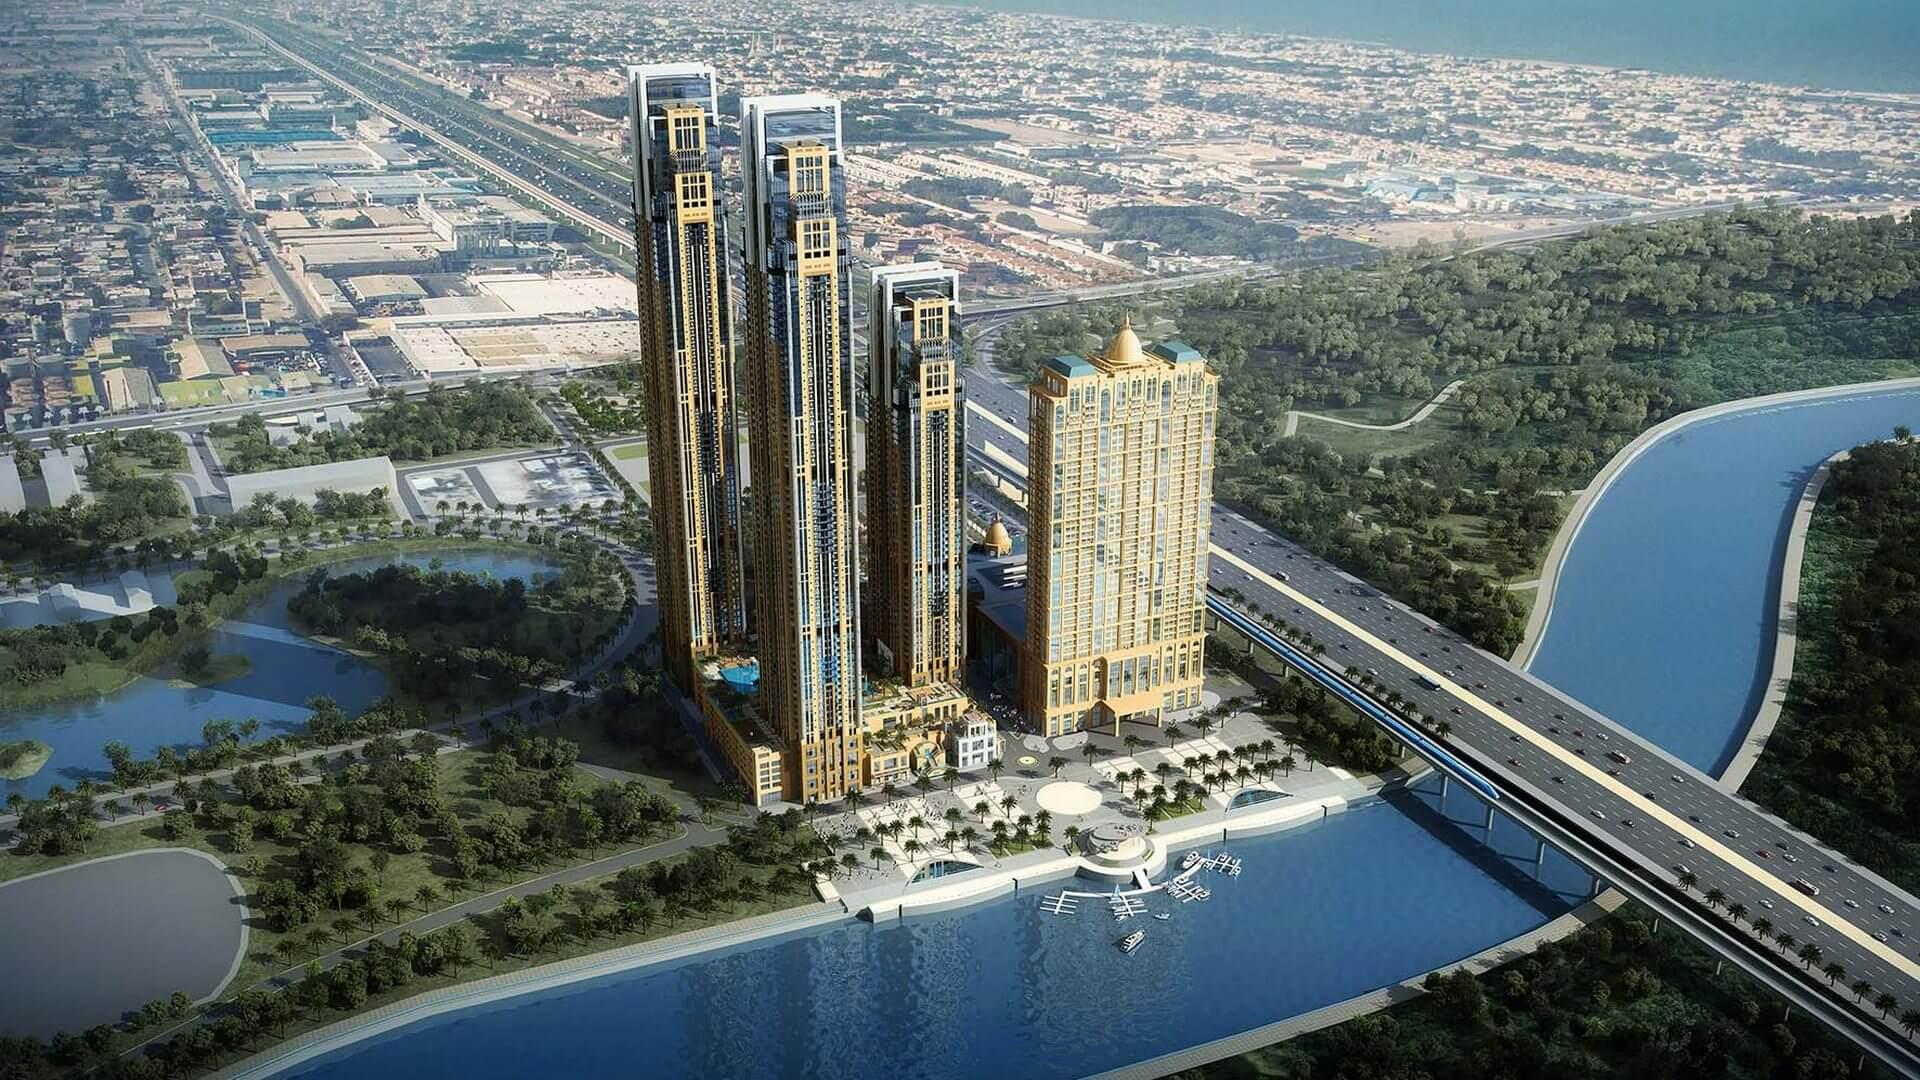 Ático en venta en Dubai, EAU, 7 dormitorios, 2724 m2, № 24064 – foto 6